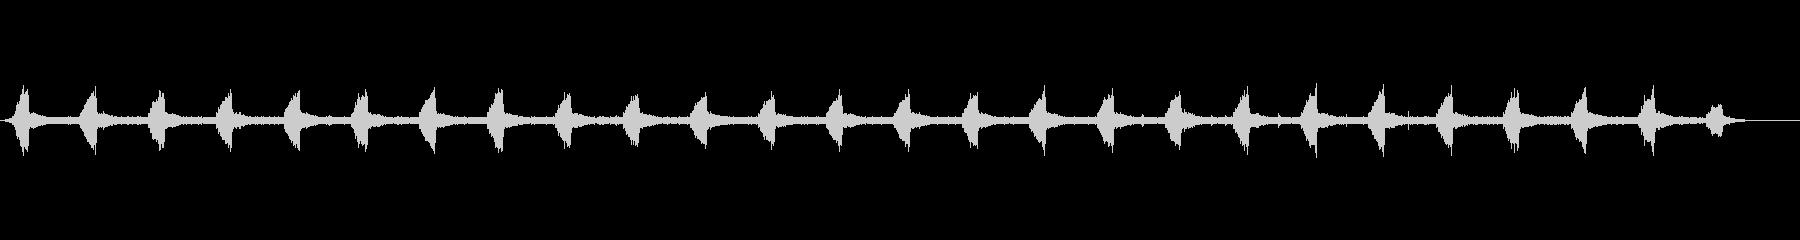 人工呼吸器:中速での呼吸。の未再生の波形